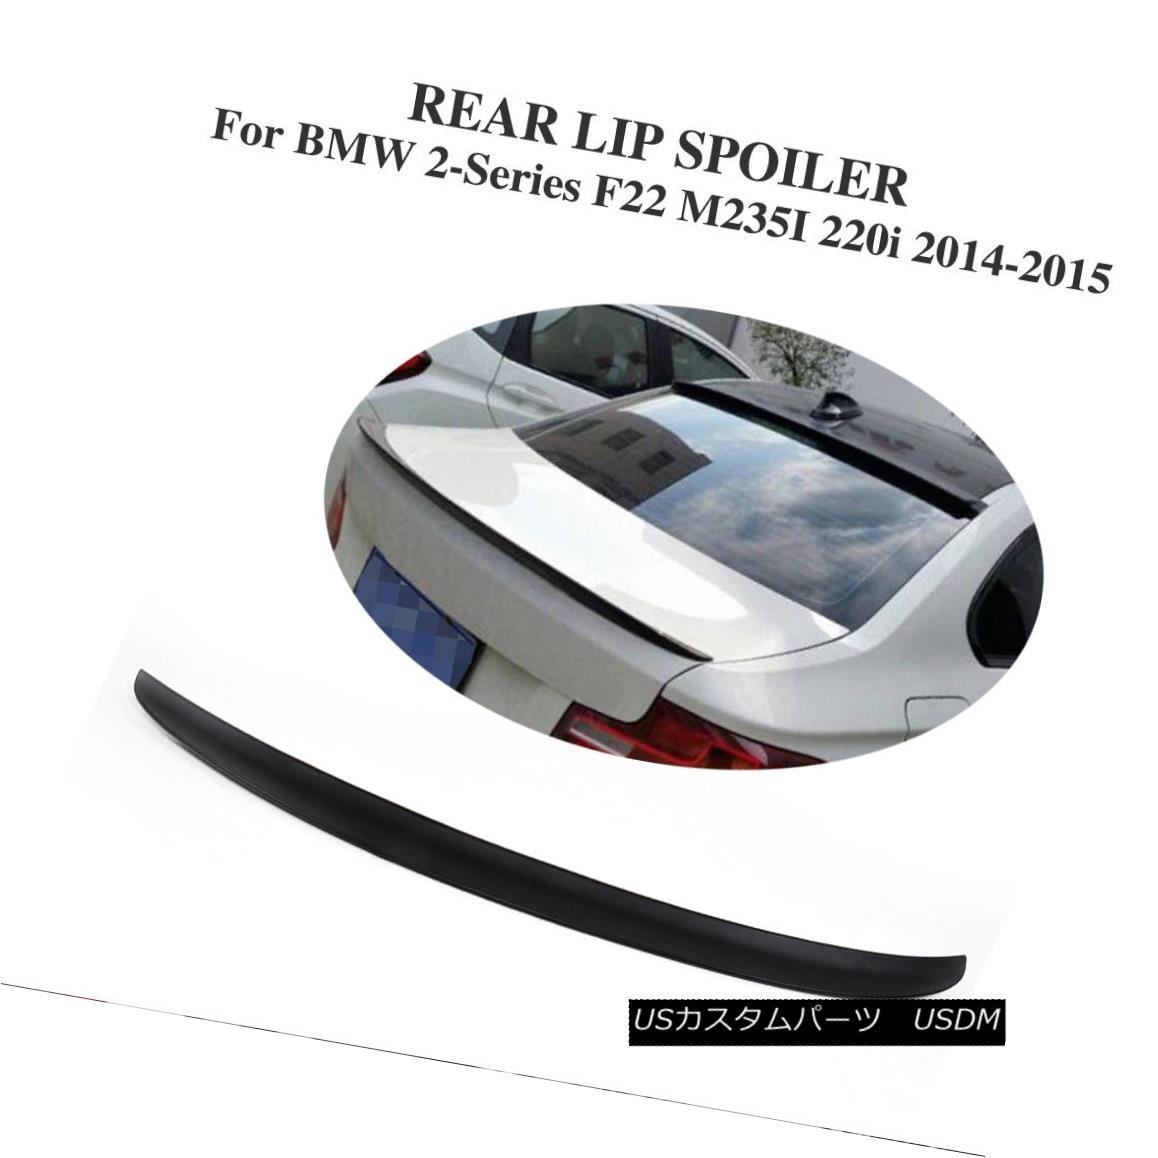 エアロパーツ ABS Rear Trunk Spoiler Tail Lid Wing For BMW 2-Series F22 M235i 220i 228i 14-15 BMW 2シリーズF22 M235i用ABSリアトランク・スポイラー・テール・リッド・ウイング220i 228i 14-15